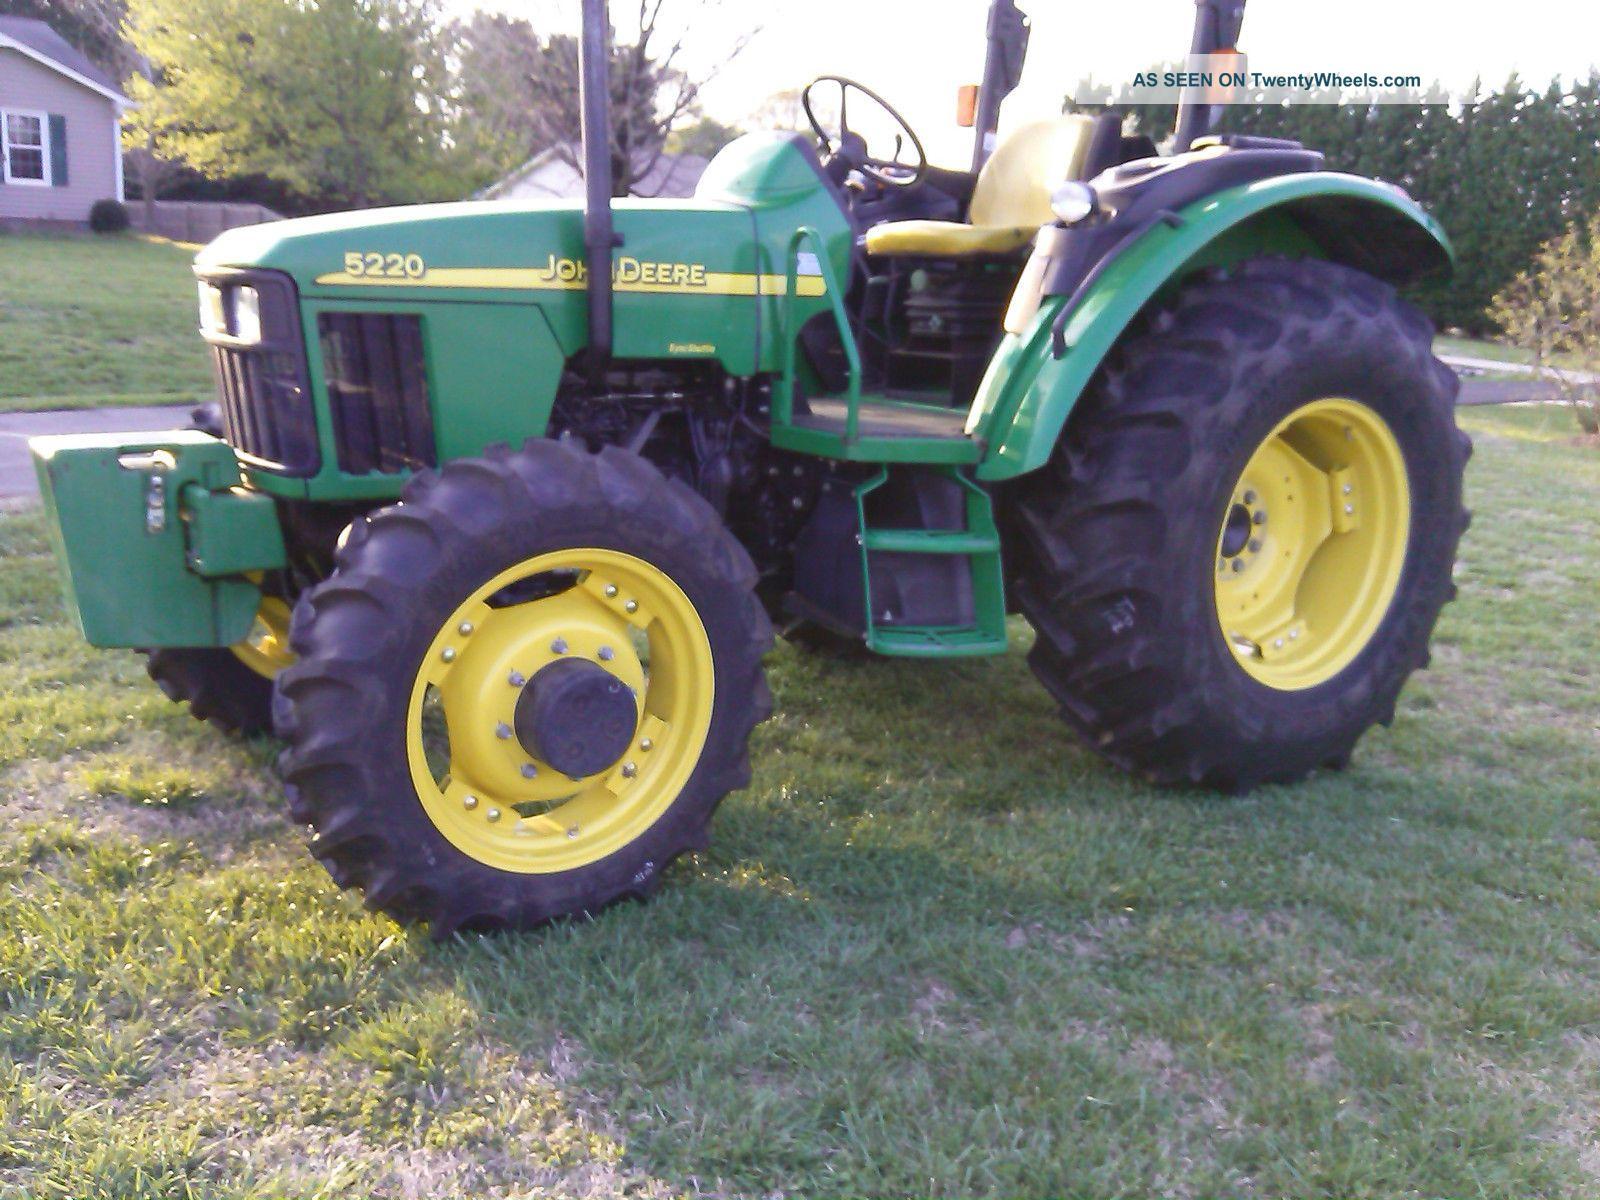 John Deere Garden Tractors 4x4 : Tractor